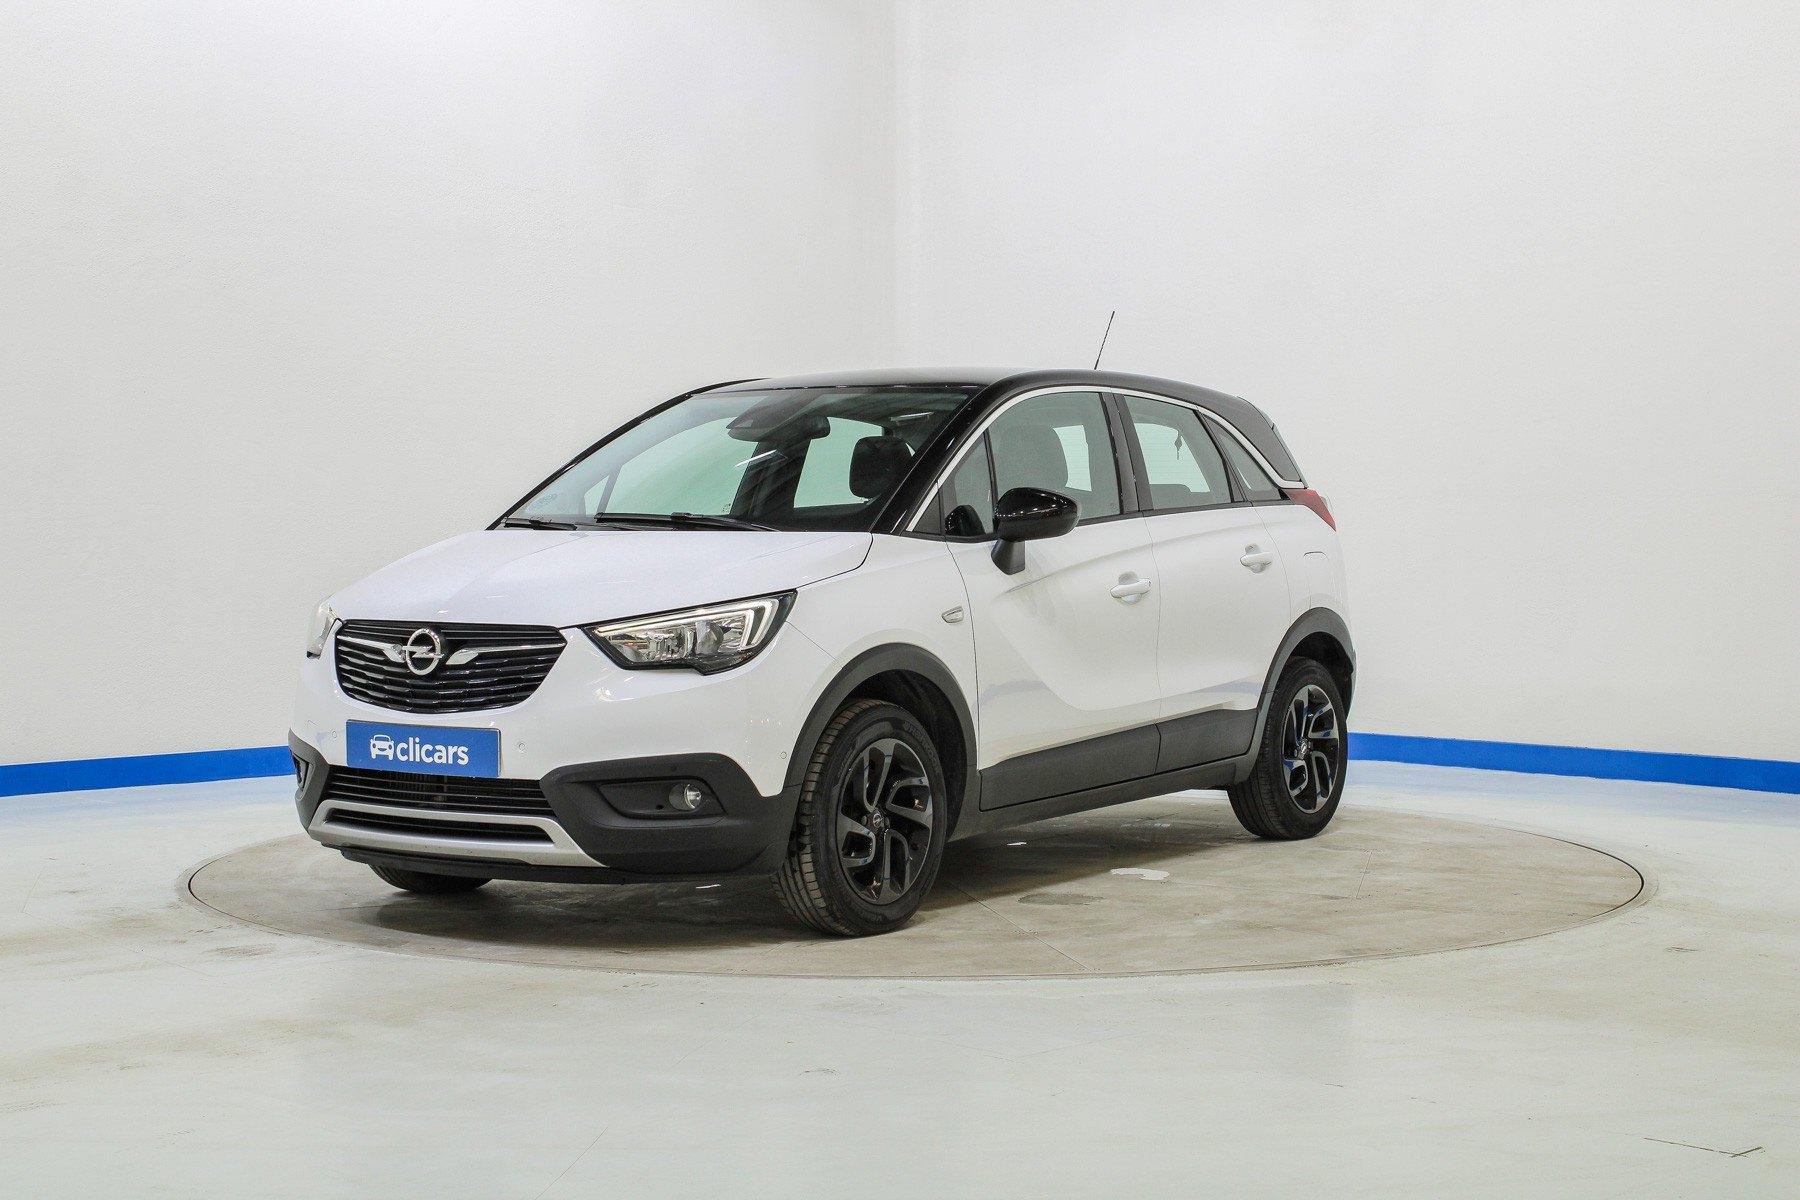 Opel Crossland X Gasolina 1.2 96kW (130CV) Innovation S/S 1